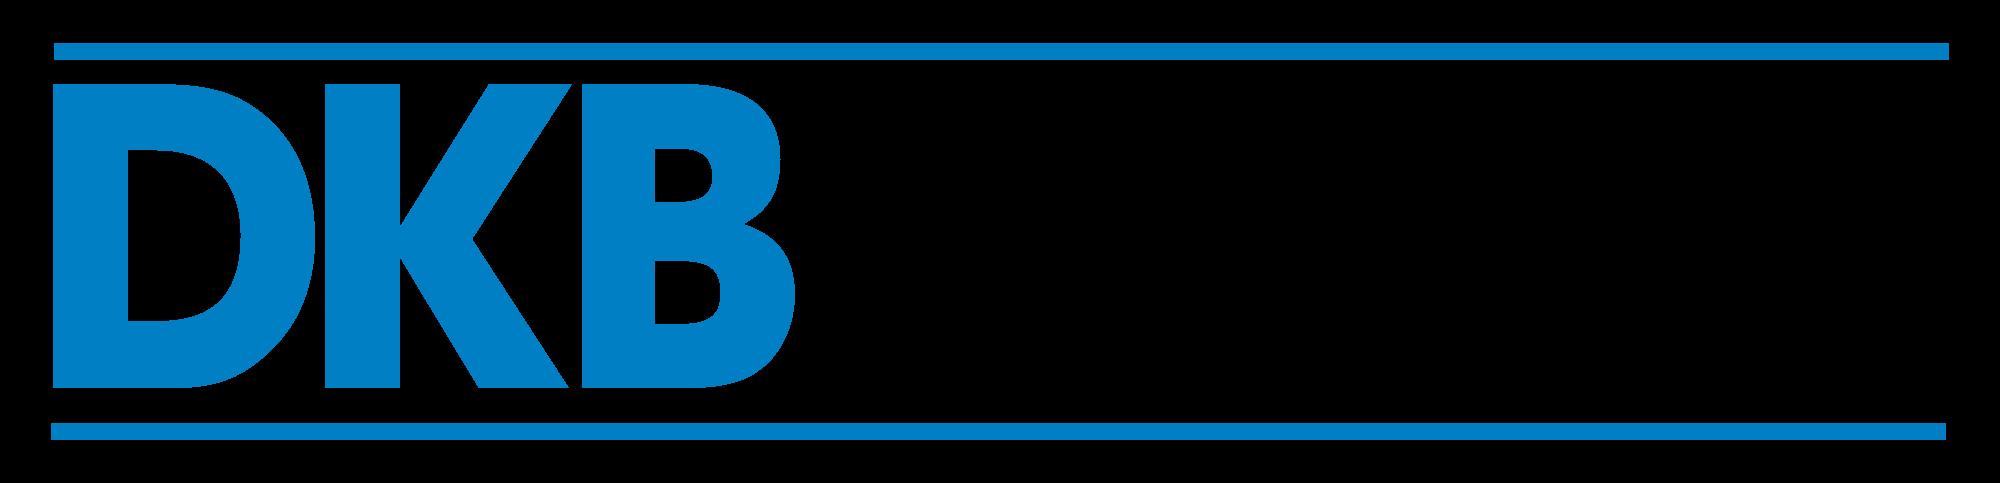 DKB Baufinanzierung